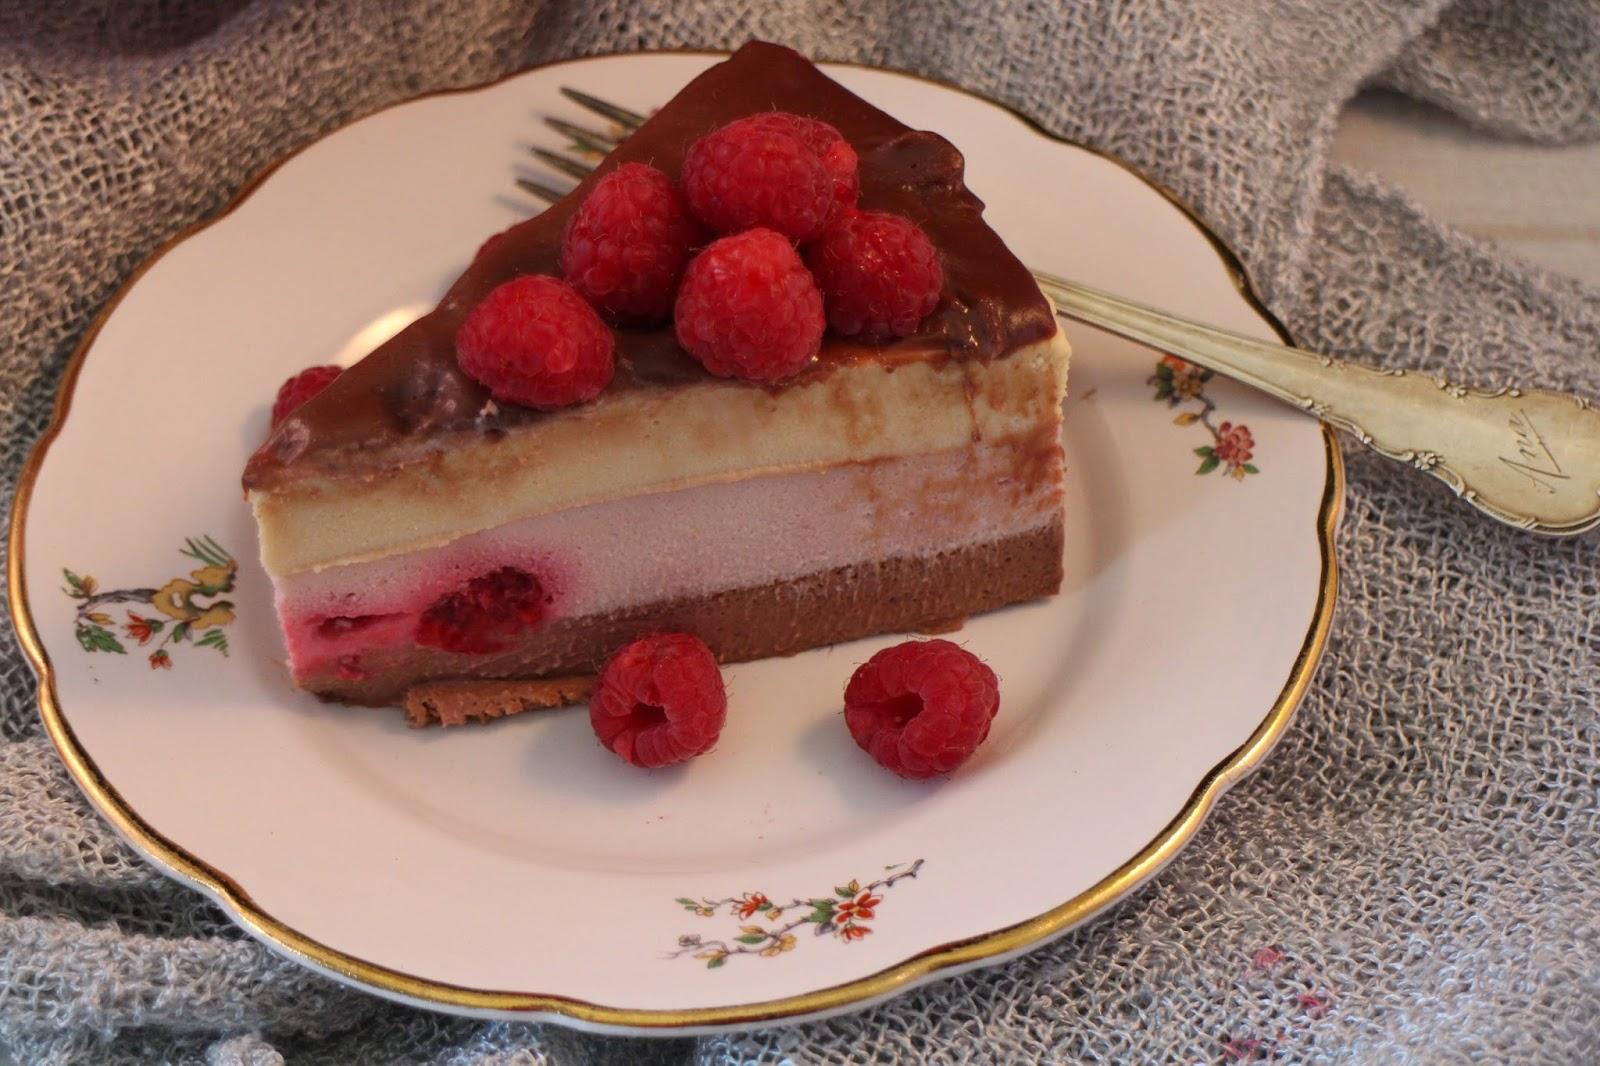 tarta-de-chocolate-vainilla-y-frambuesas